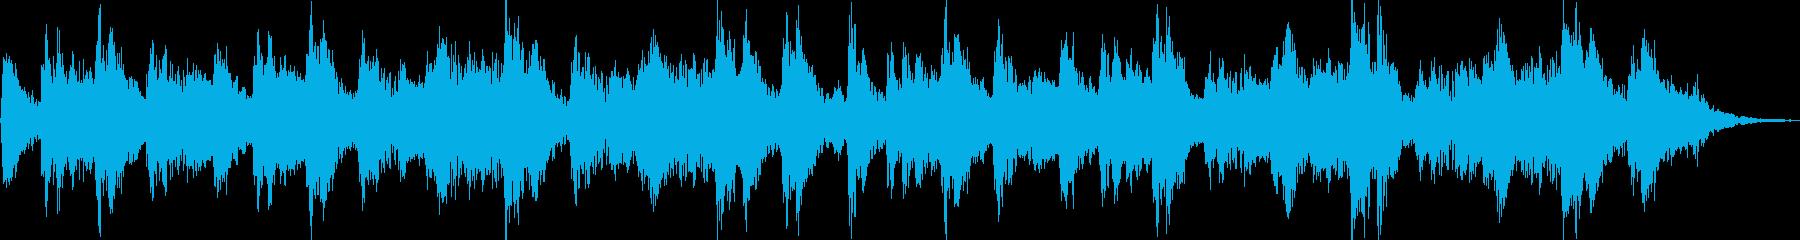 迷う曲の再生済みの波形